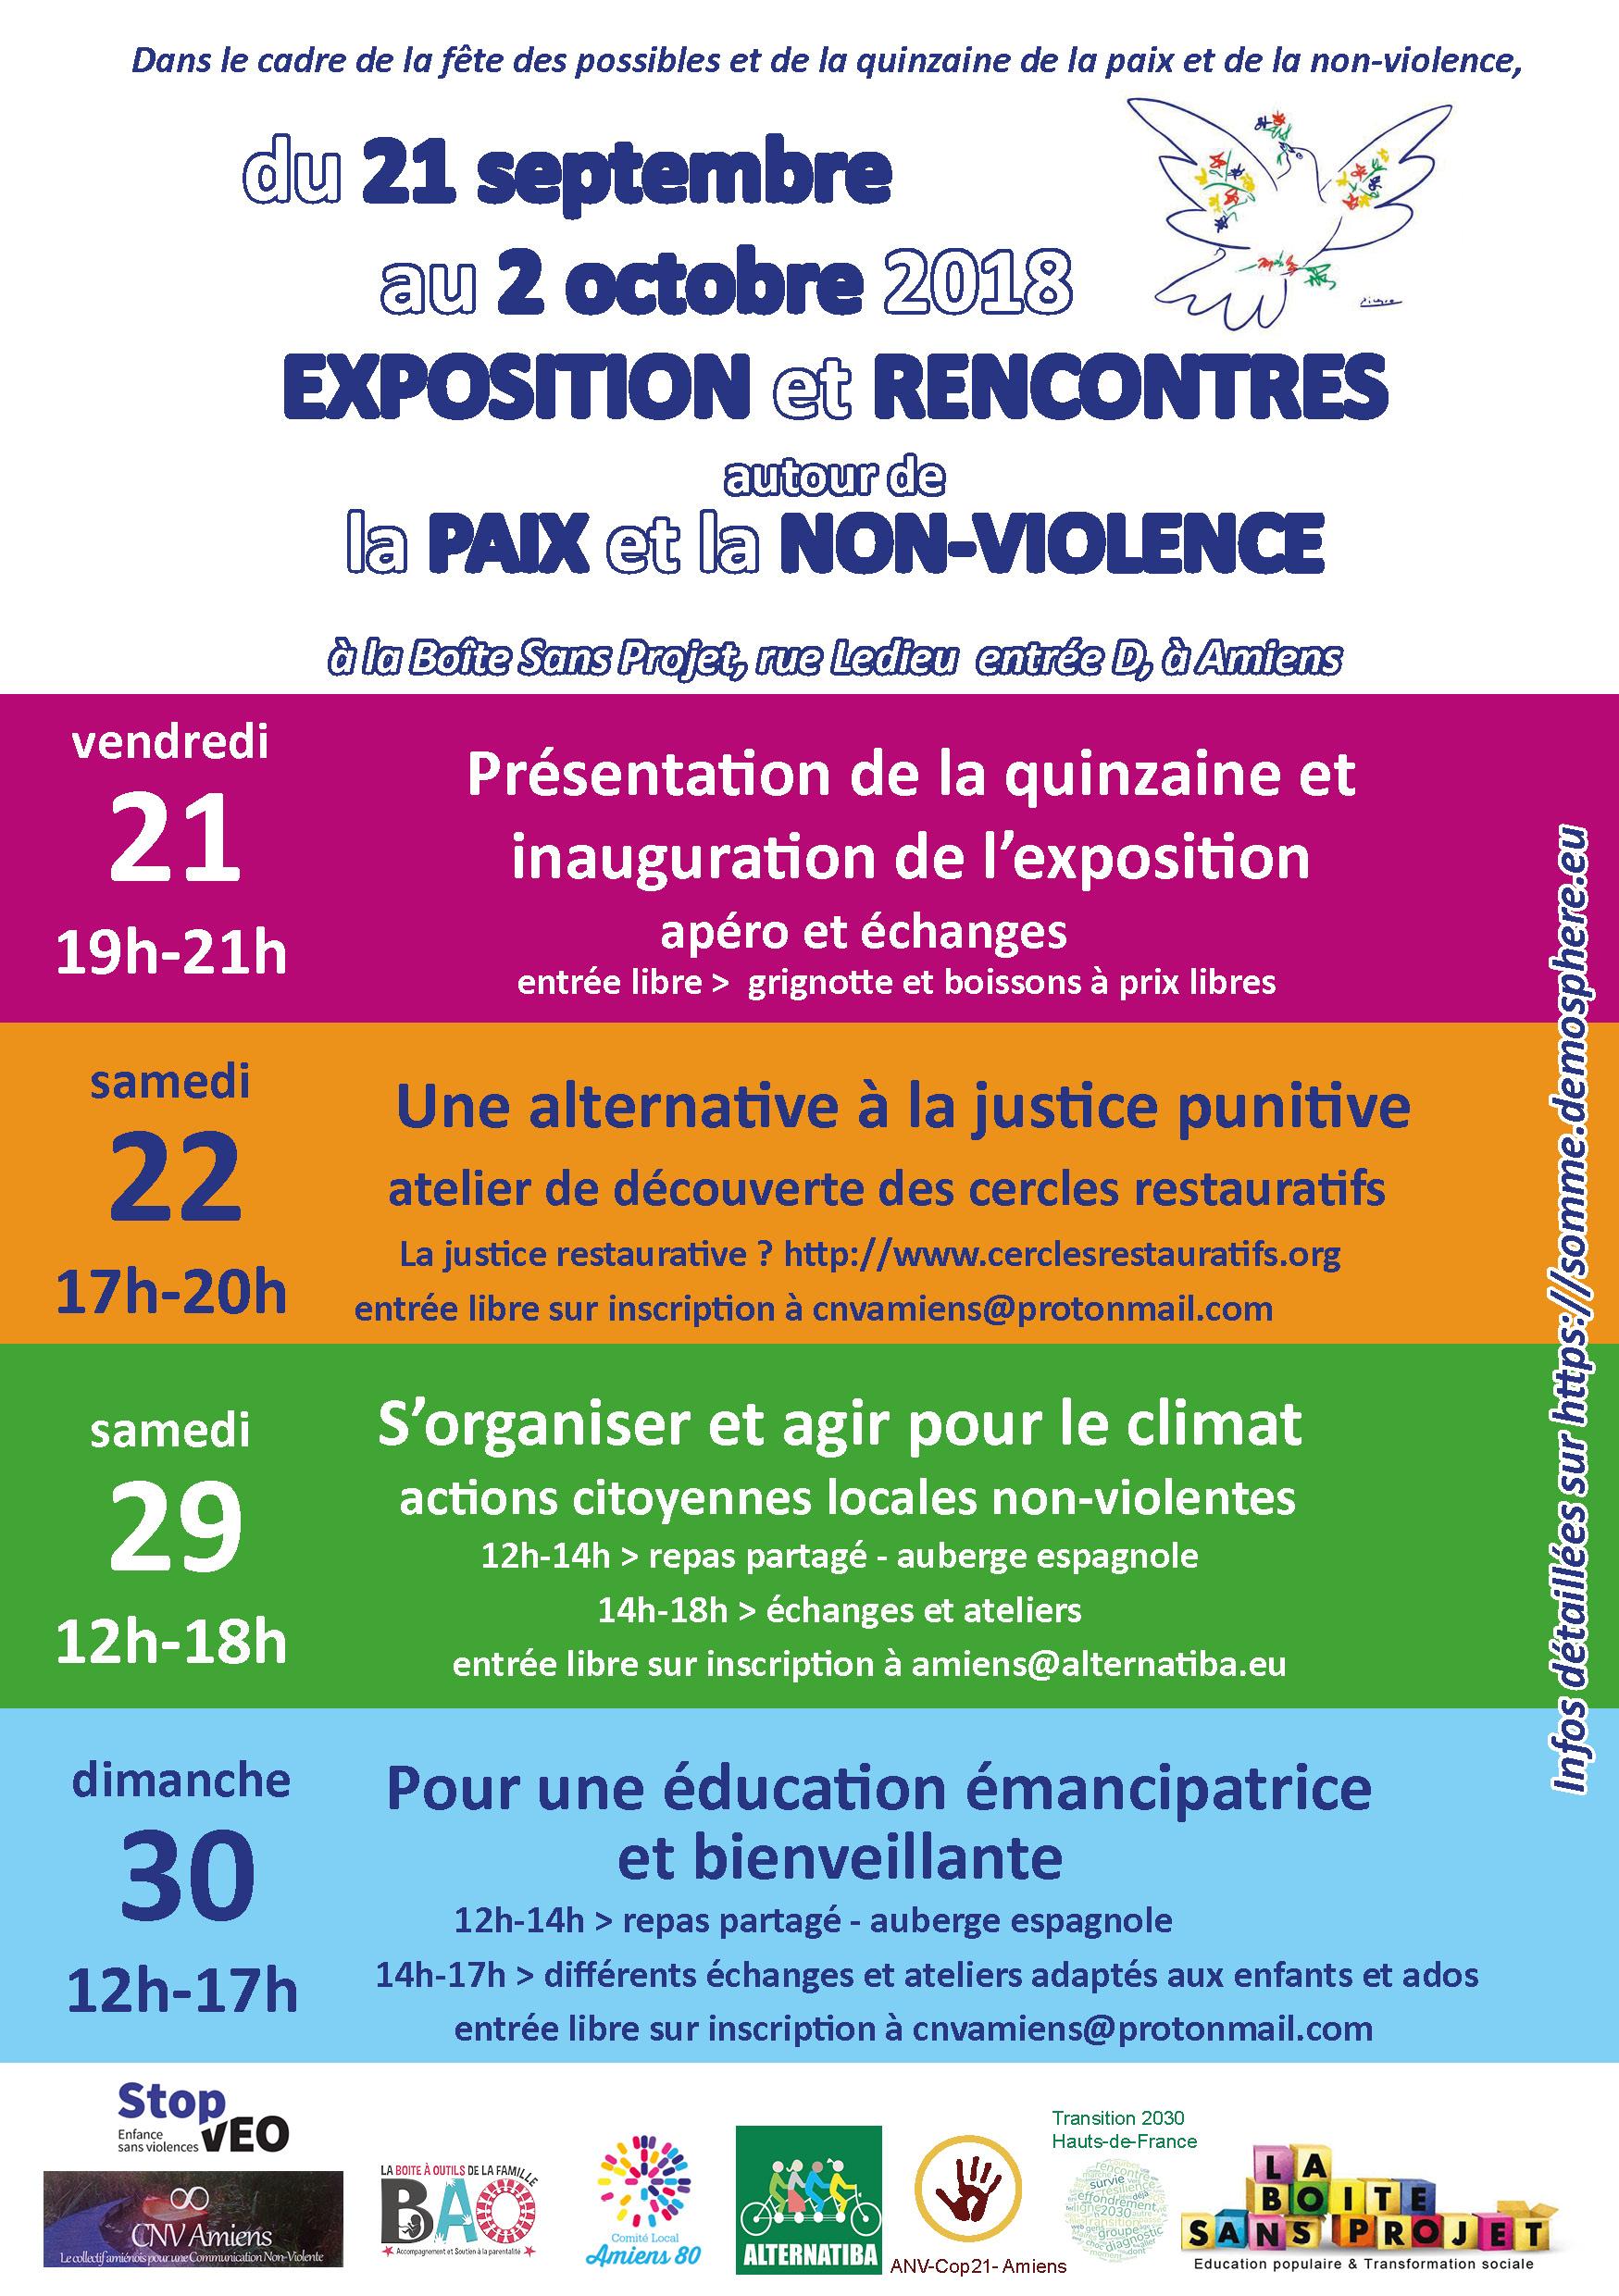 Inauguration de l'exposition sur la non-violence et présentation de la quinzaine